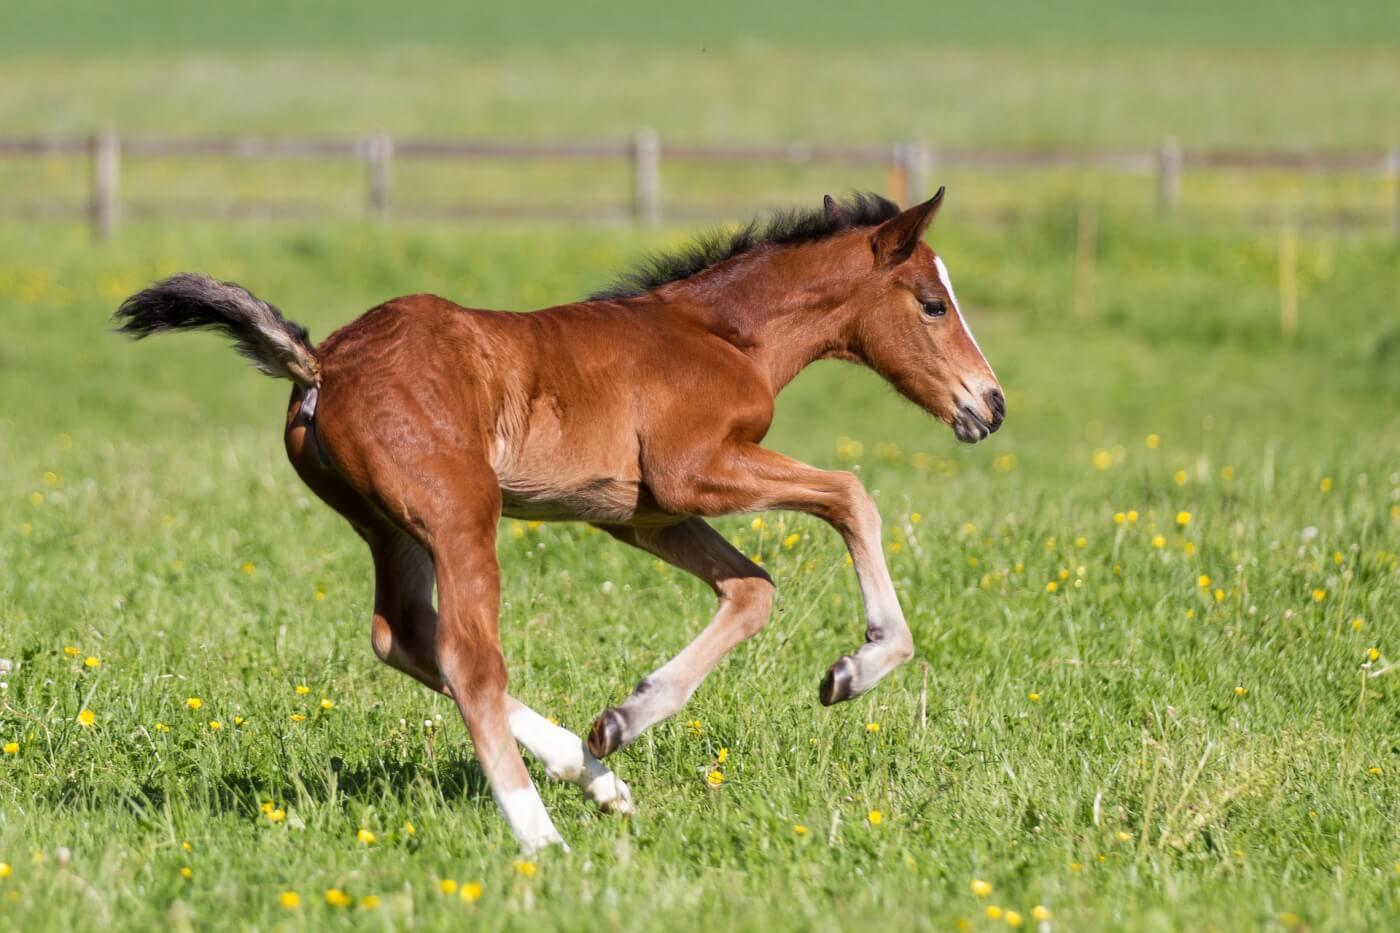 Cute brown foal running across green grass